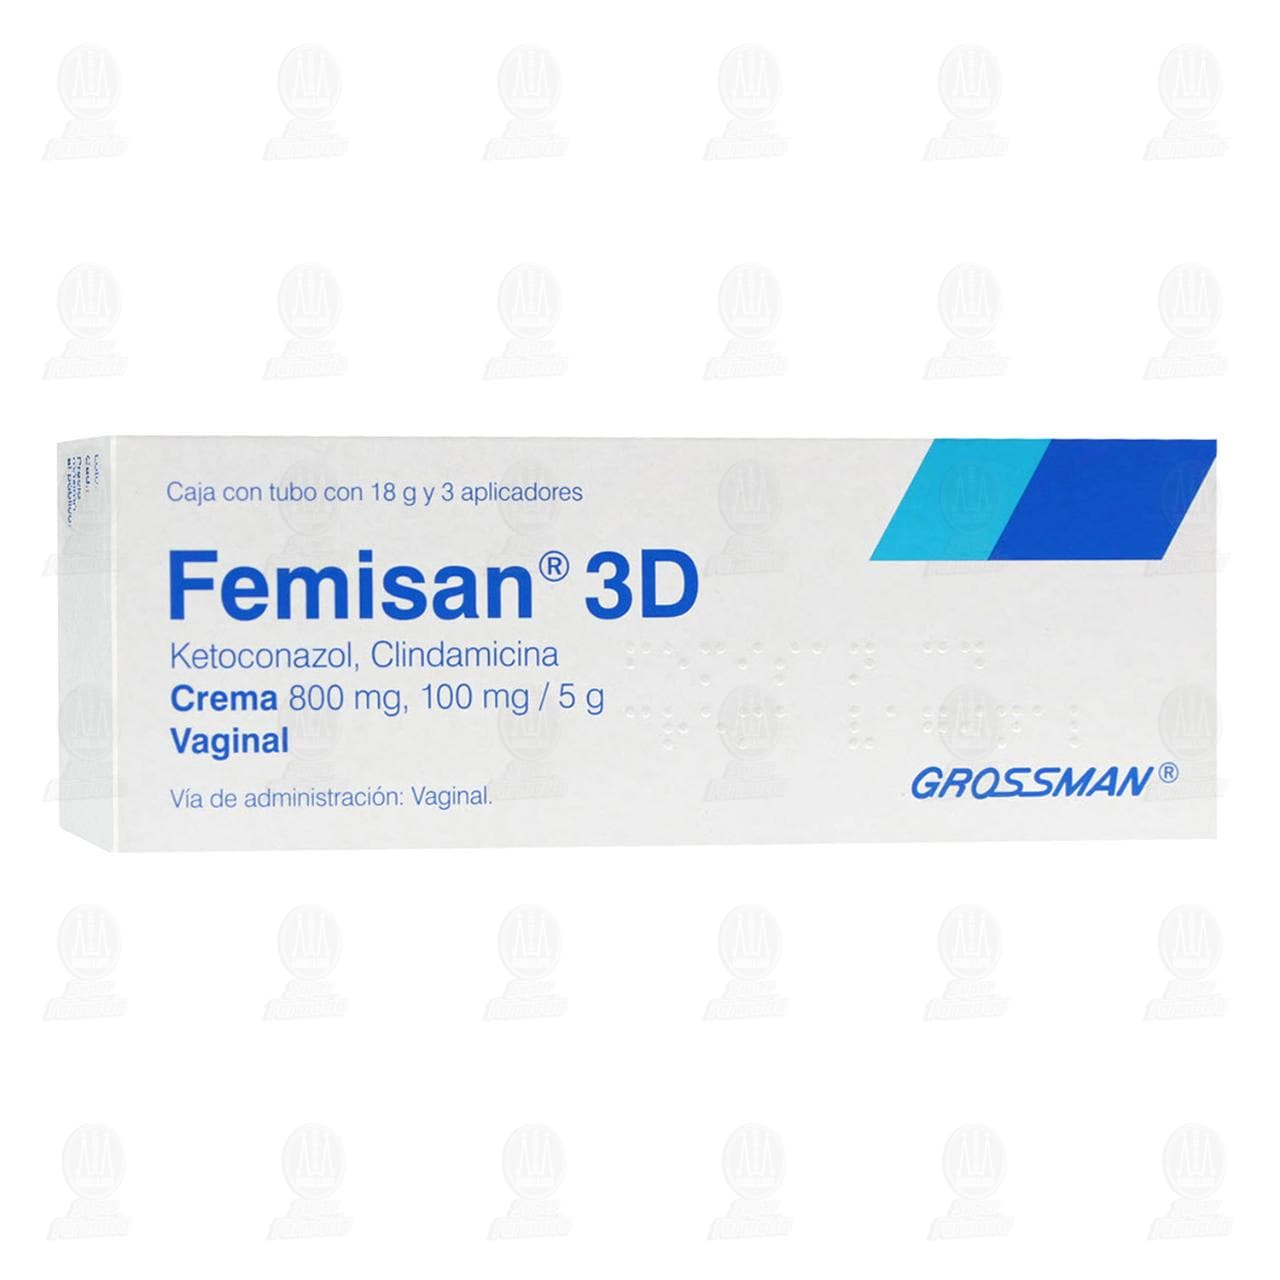 Comprar Femisan 3D 18gr Crema 3 Aplicadores en Farmacias Guadalajara